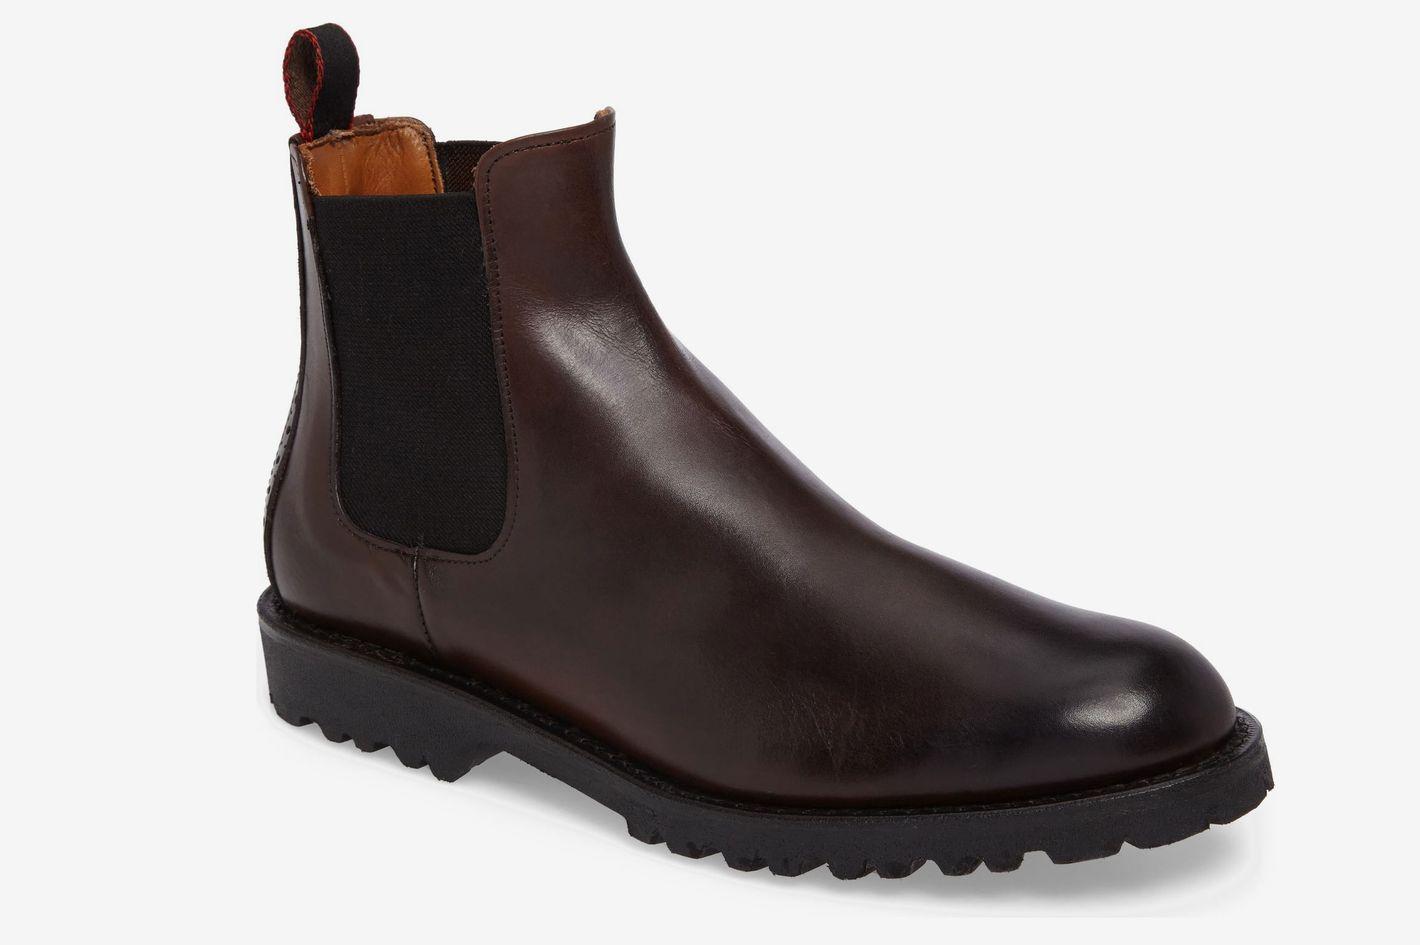 Allen Edmonds Tate Chelsea Boot